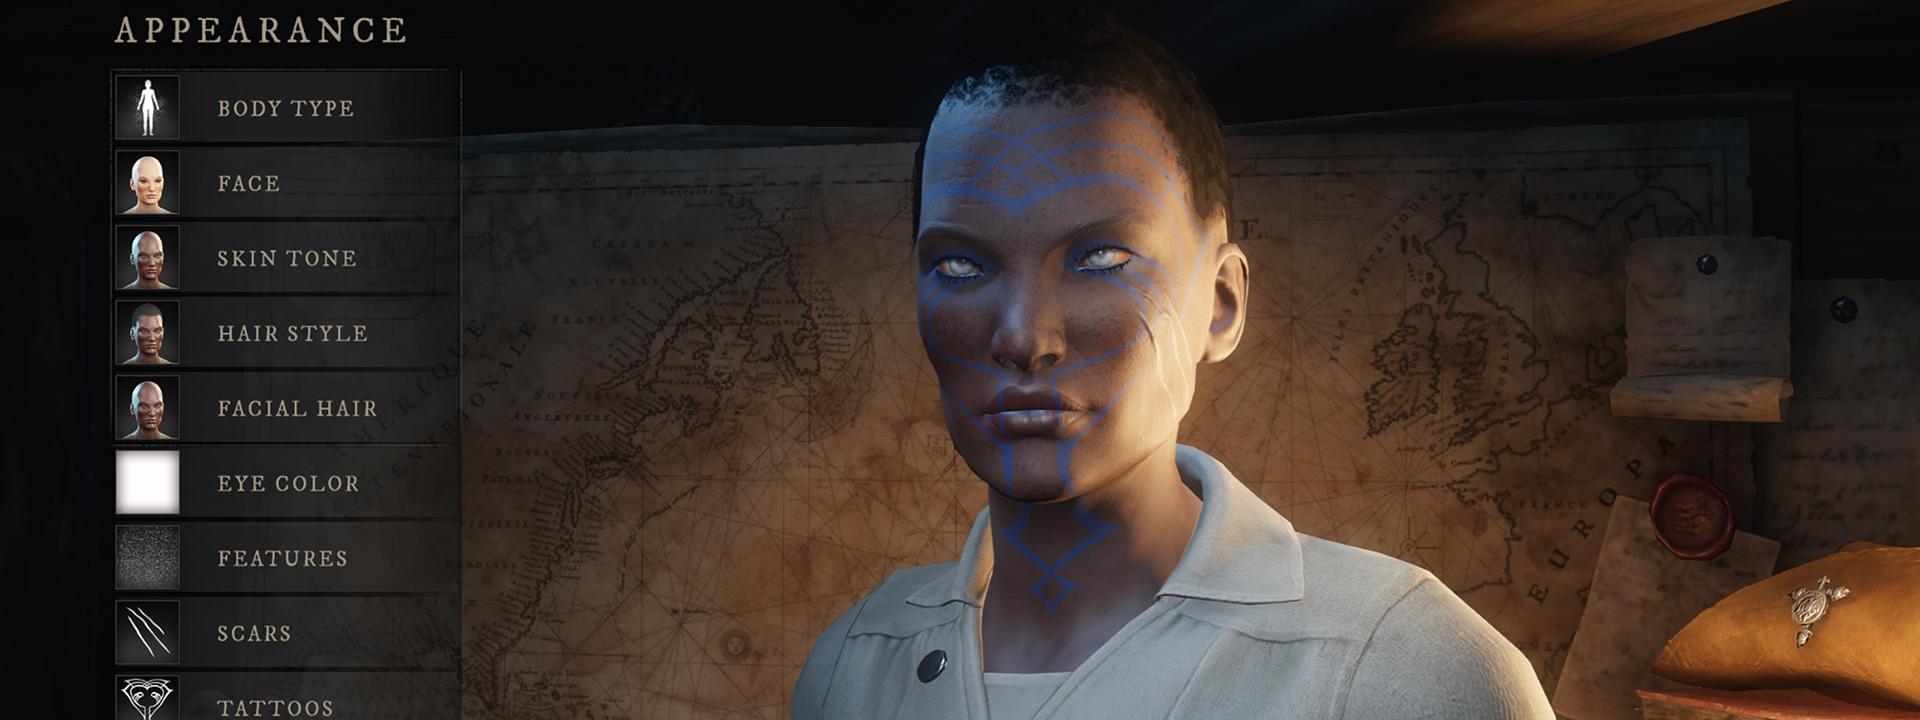 Скриншот экрана настройки персонажа, на котором изображен персонаж с темно-коричневой кожей, бледными глазами и линиями ярко-синих татуировок, пересекающих его лицо.